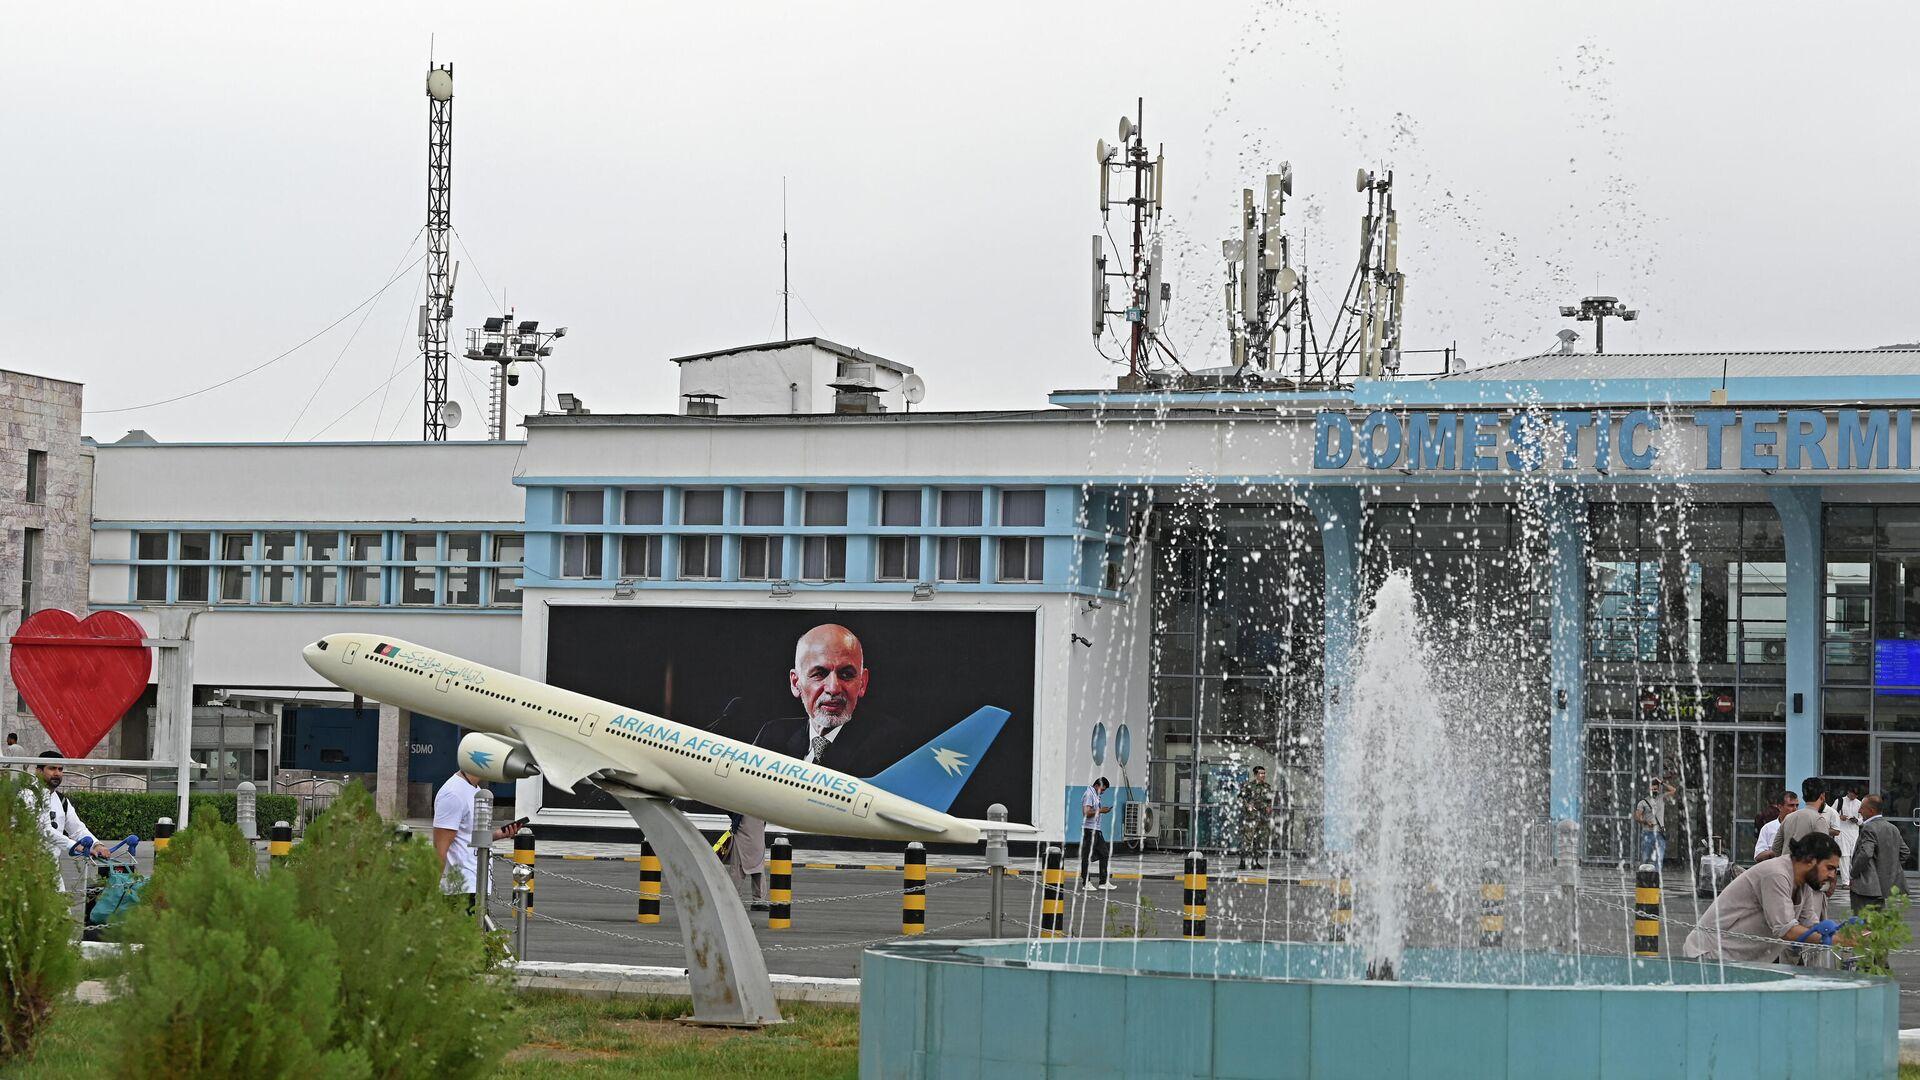 Aeropuerto de Kabul, Afganistán - Sputnik Mundo, 1920, 19.07.2021